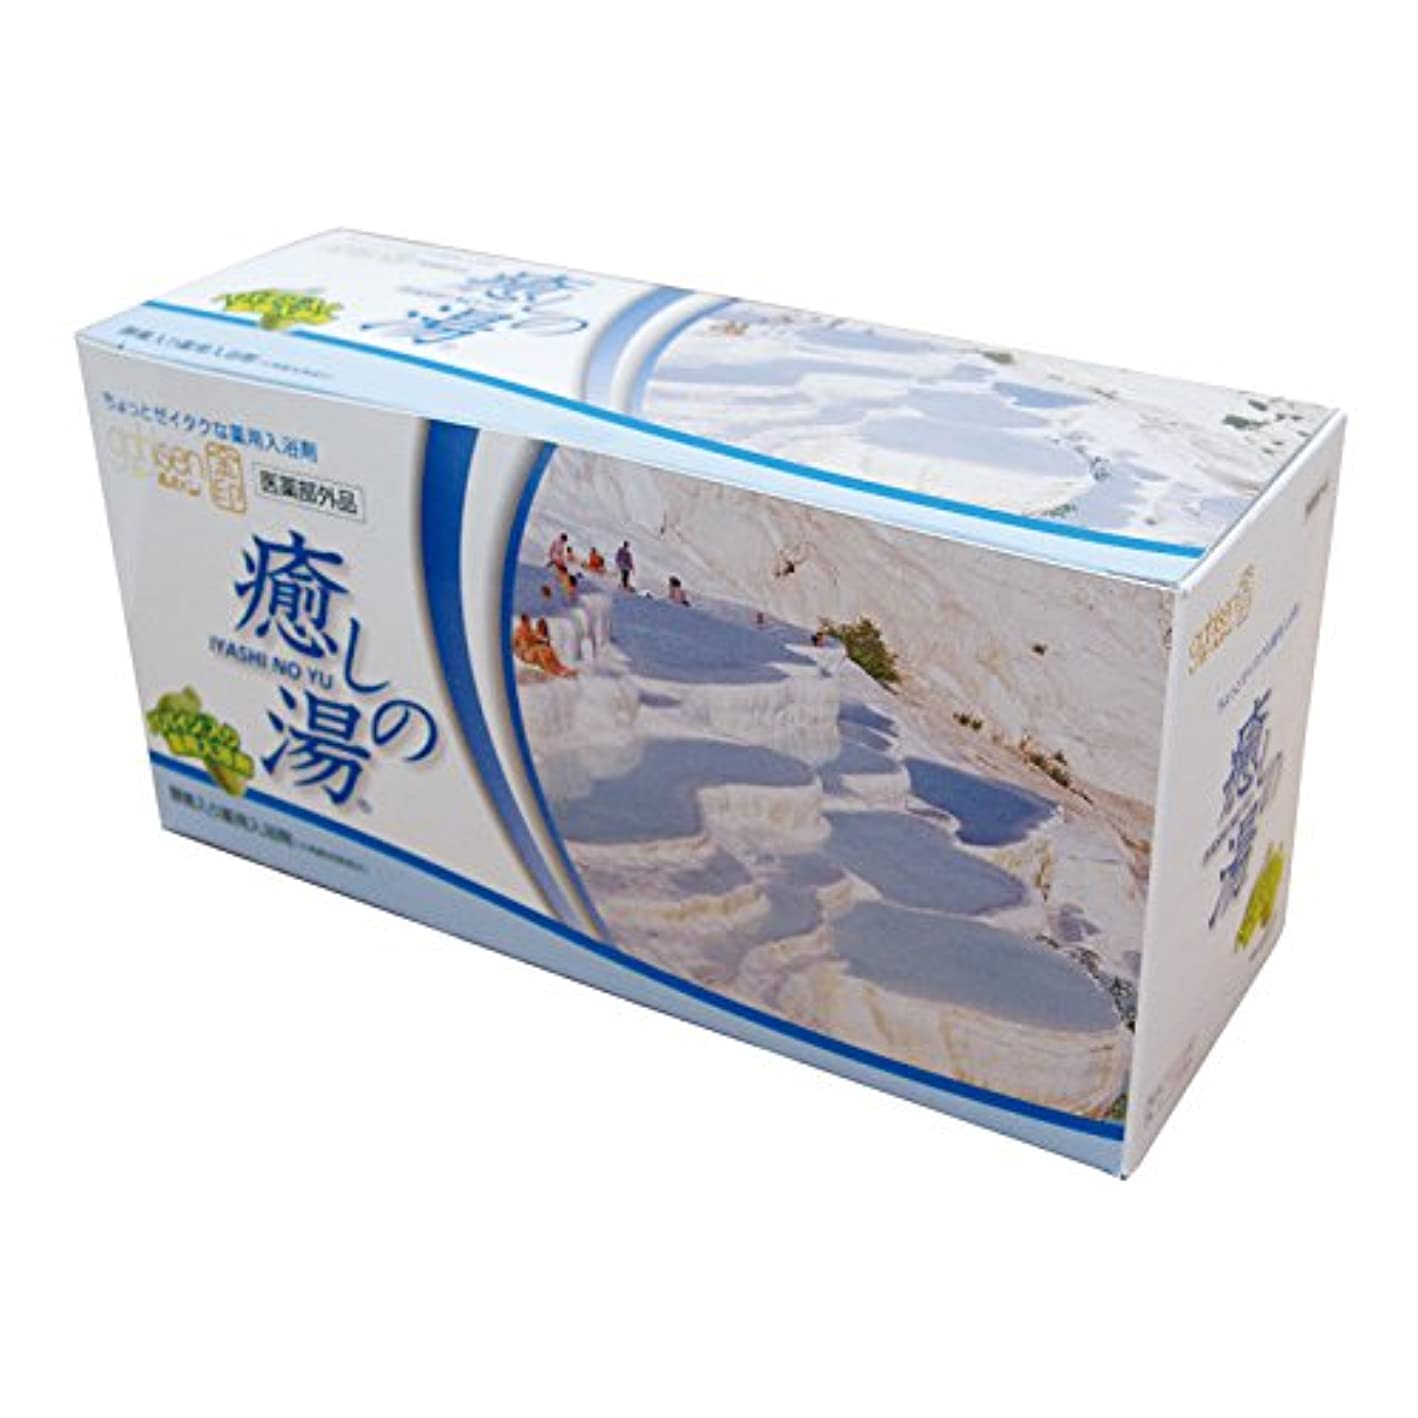 ベール広がり衛星Bath Terminal 【入浴剤】ガールセン 癒しの湯 金印 30包入【日本生化学正規代理店】